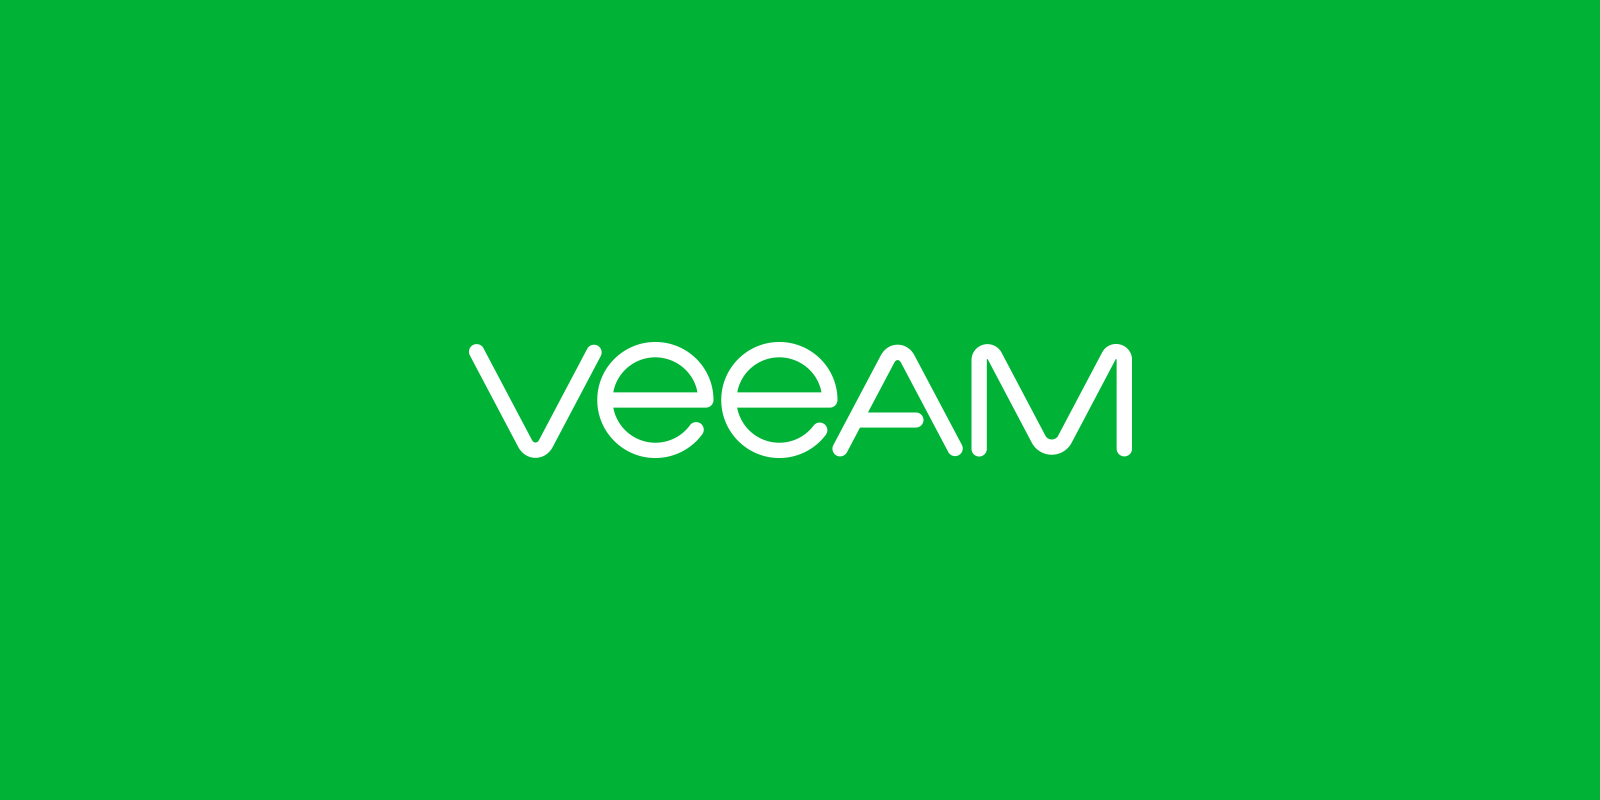 Veeam News